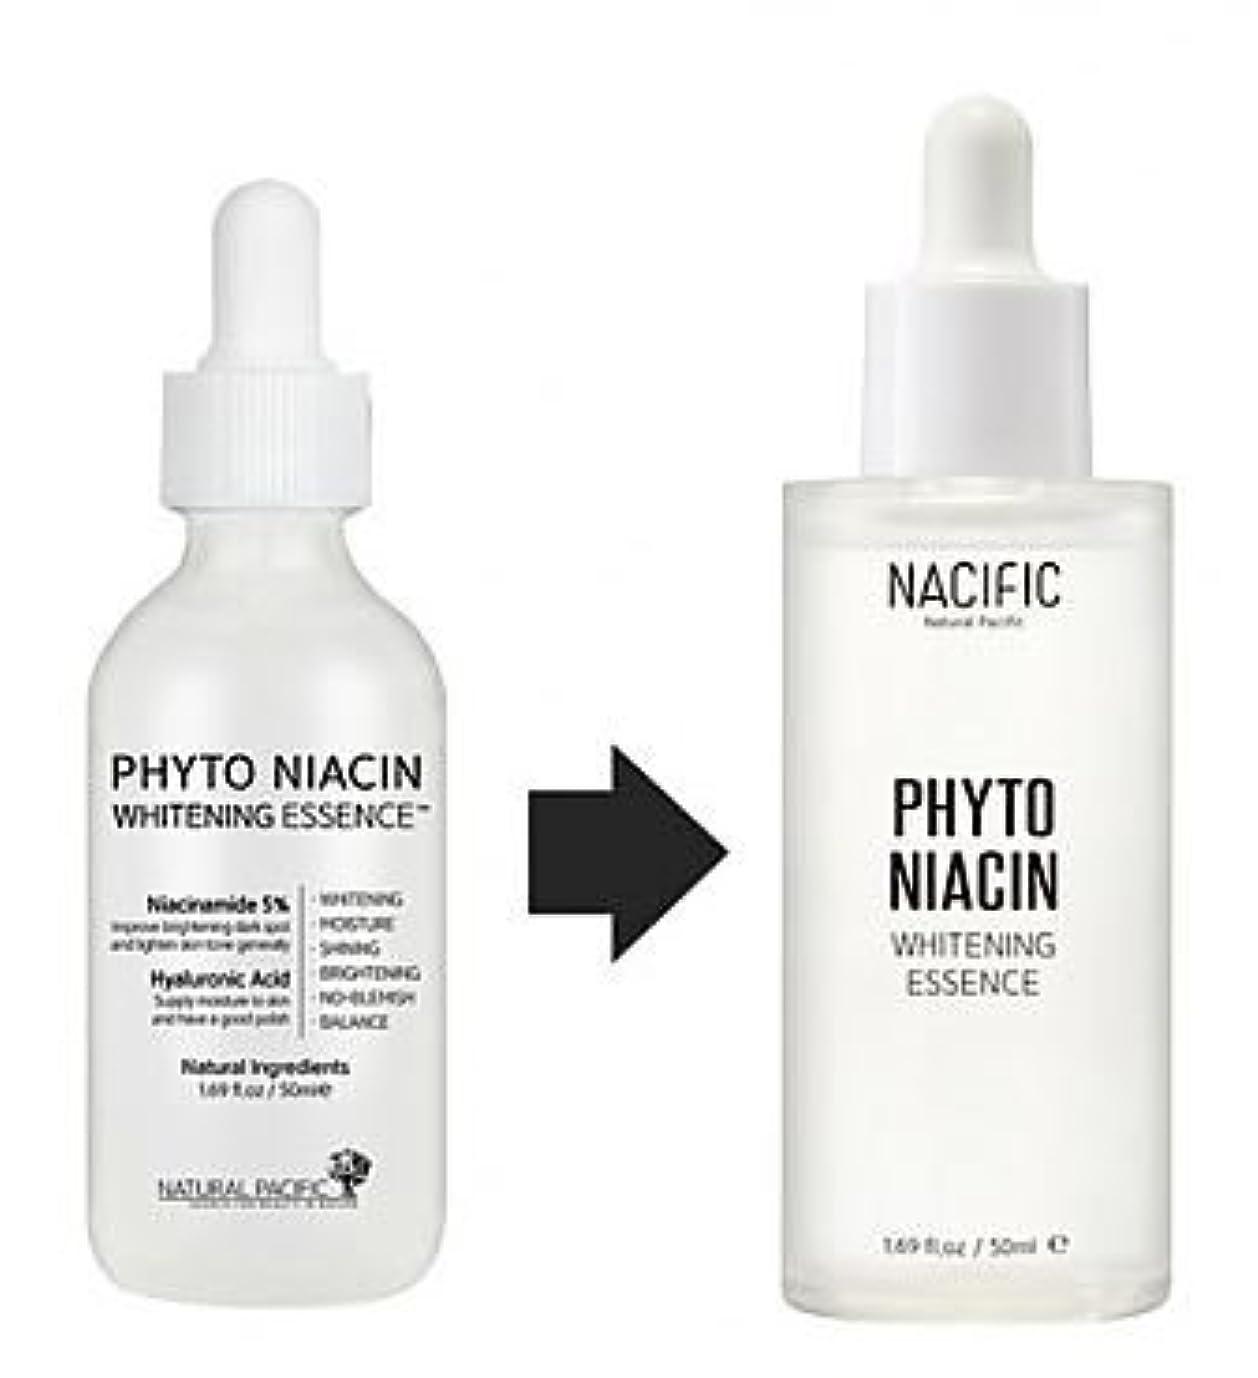 ブレーキ願う名誉ある[NACIFIC]Phyto Niacin Whitening Essence 50ml/ナチュラルパシフィック フィト ナイアシン ホワイトニング エッセンス 50ml [並行輸入品]